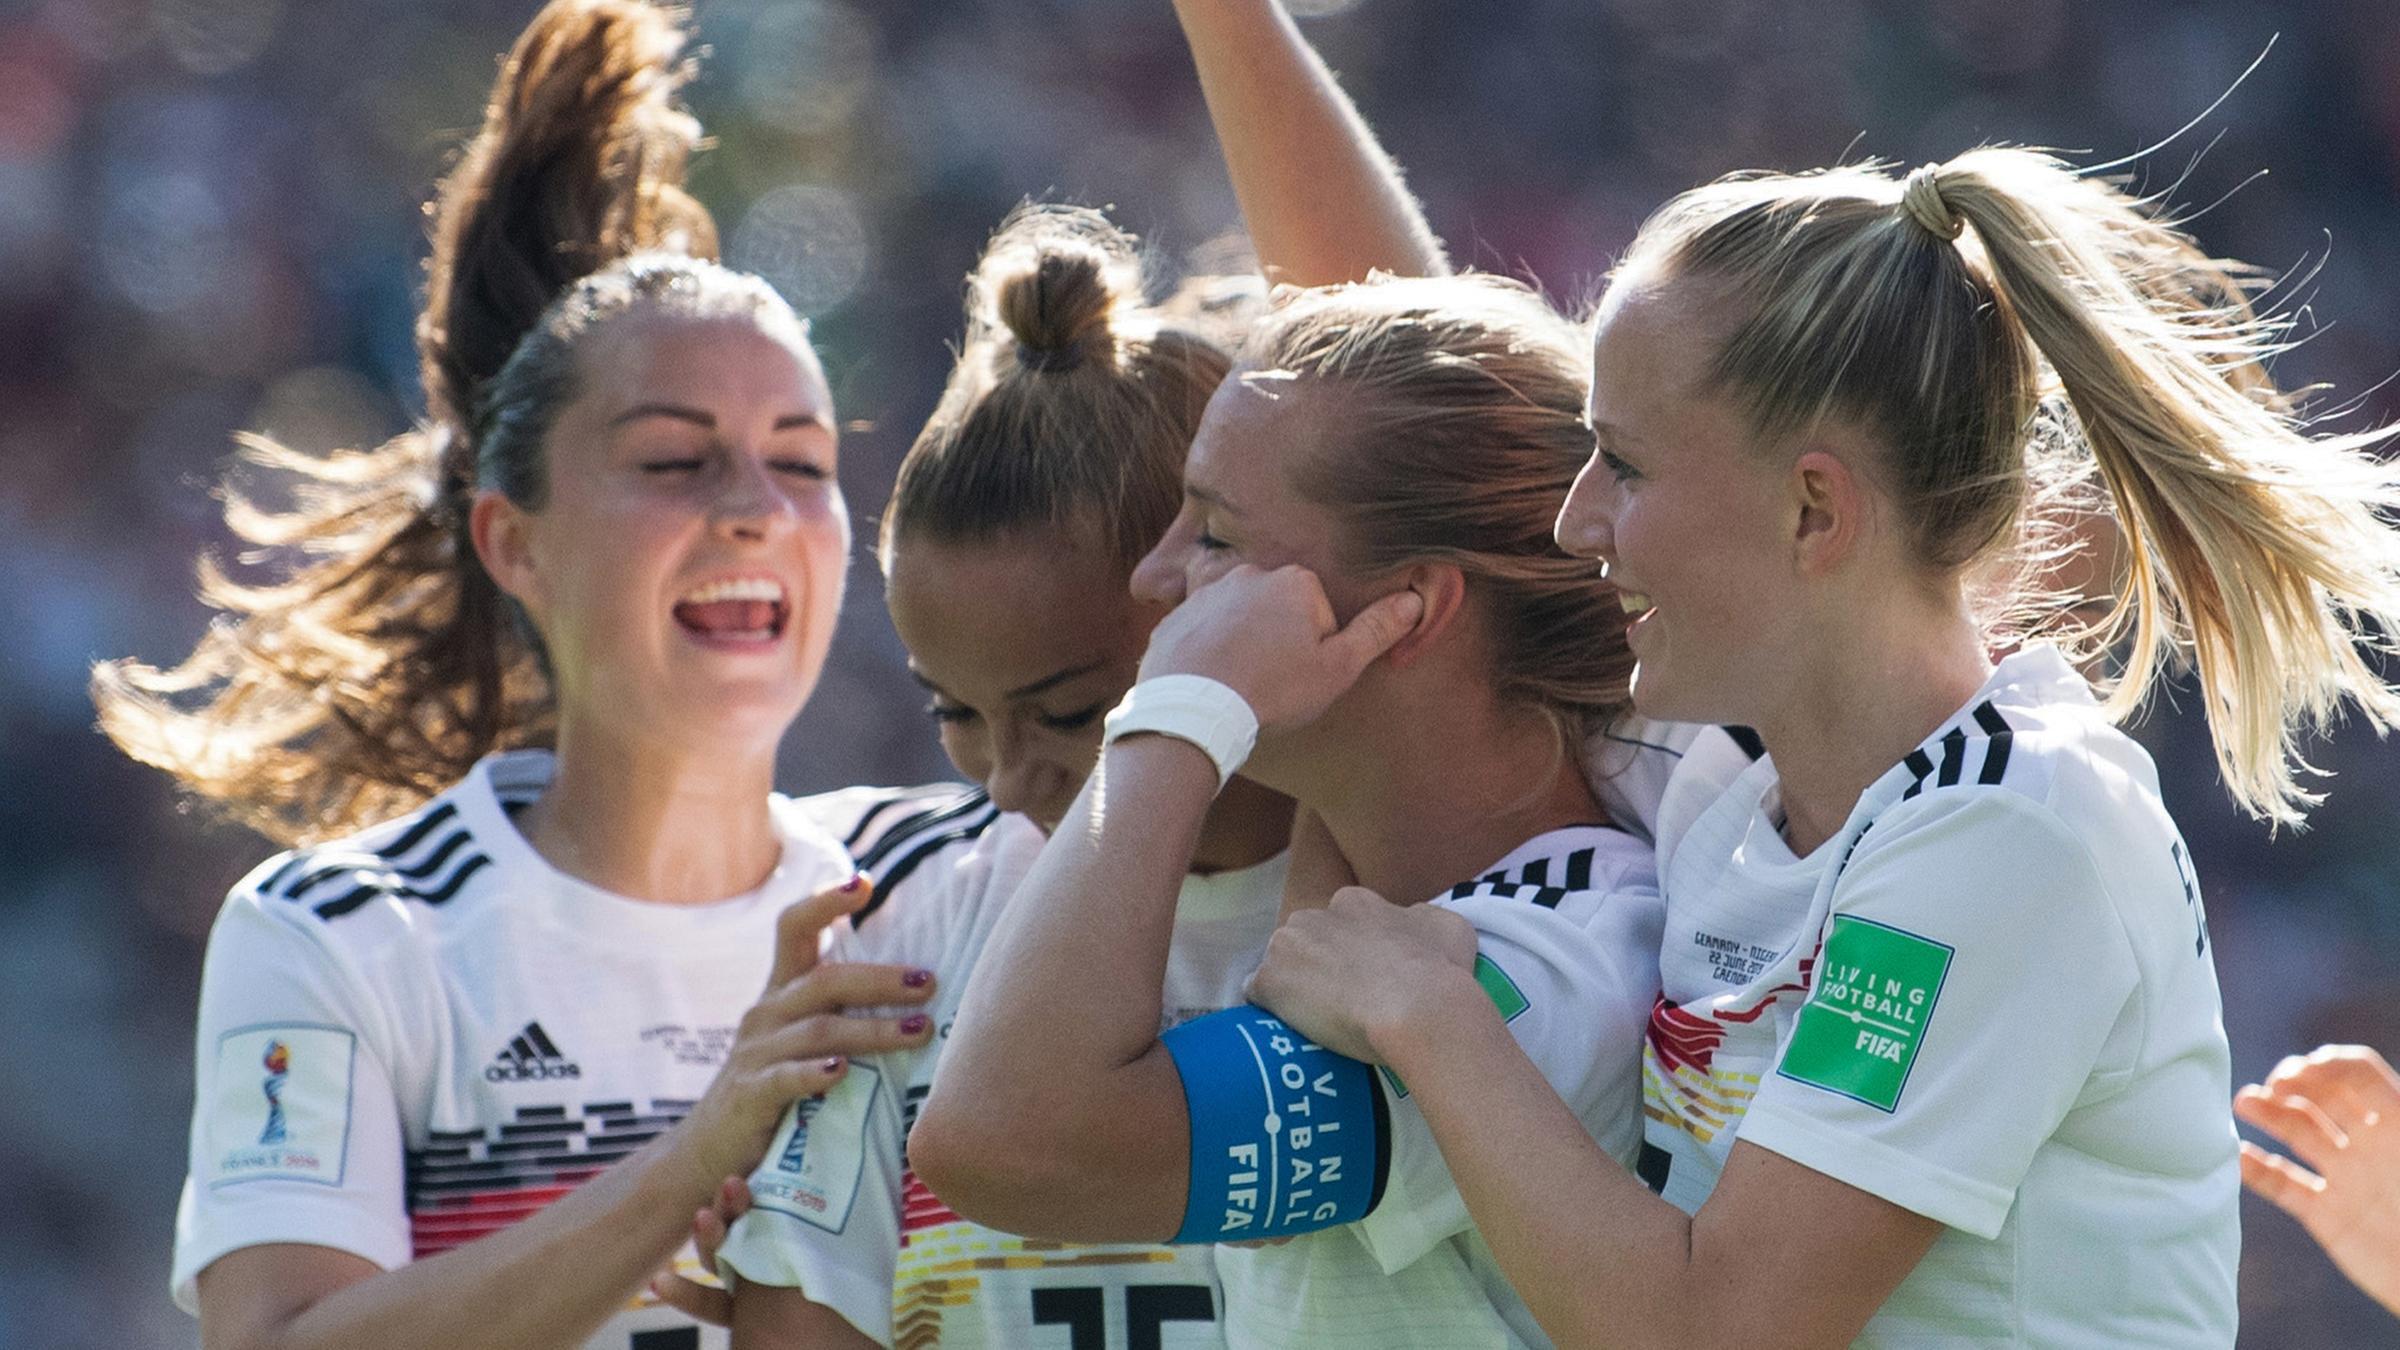 TICKET Platz 3 FIFA Frauen WM 2019 England Schweden # Match 51